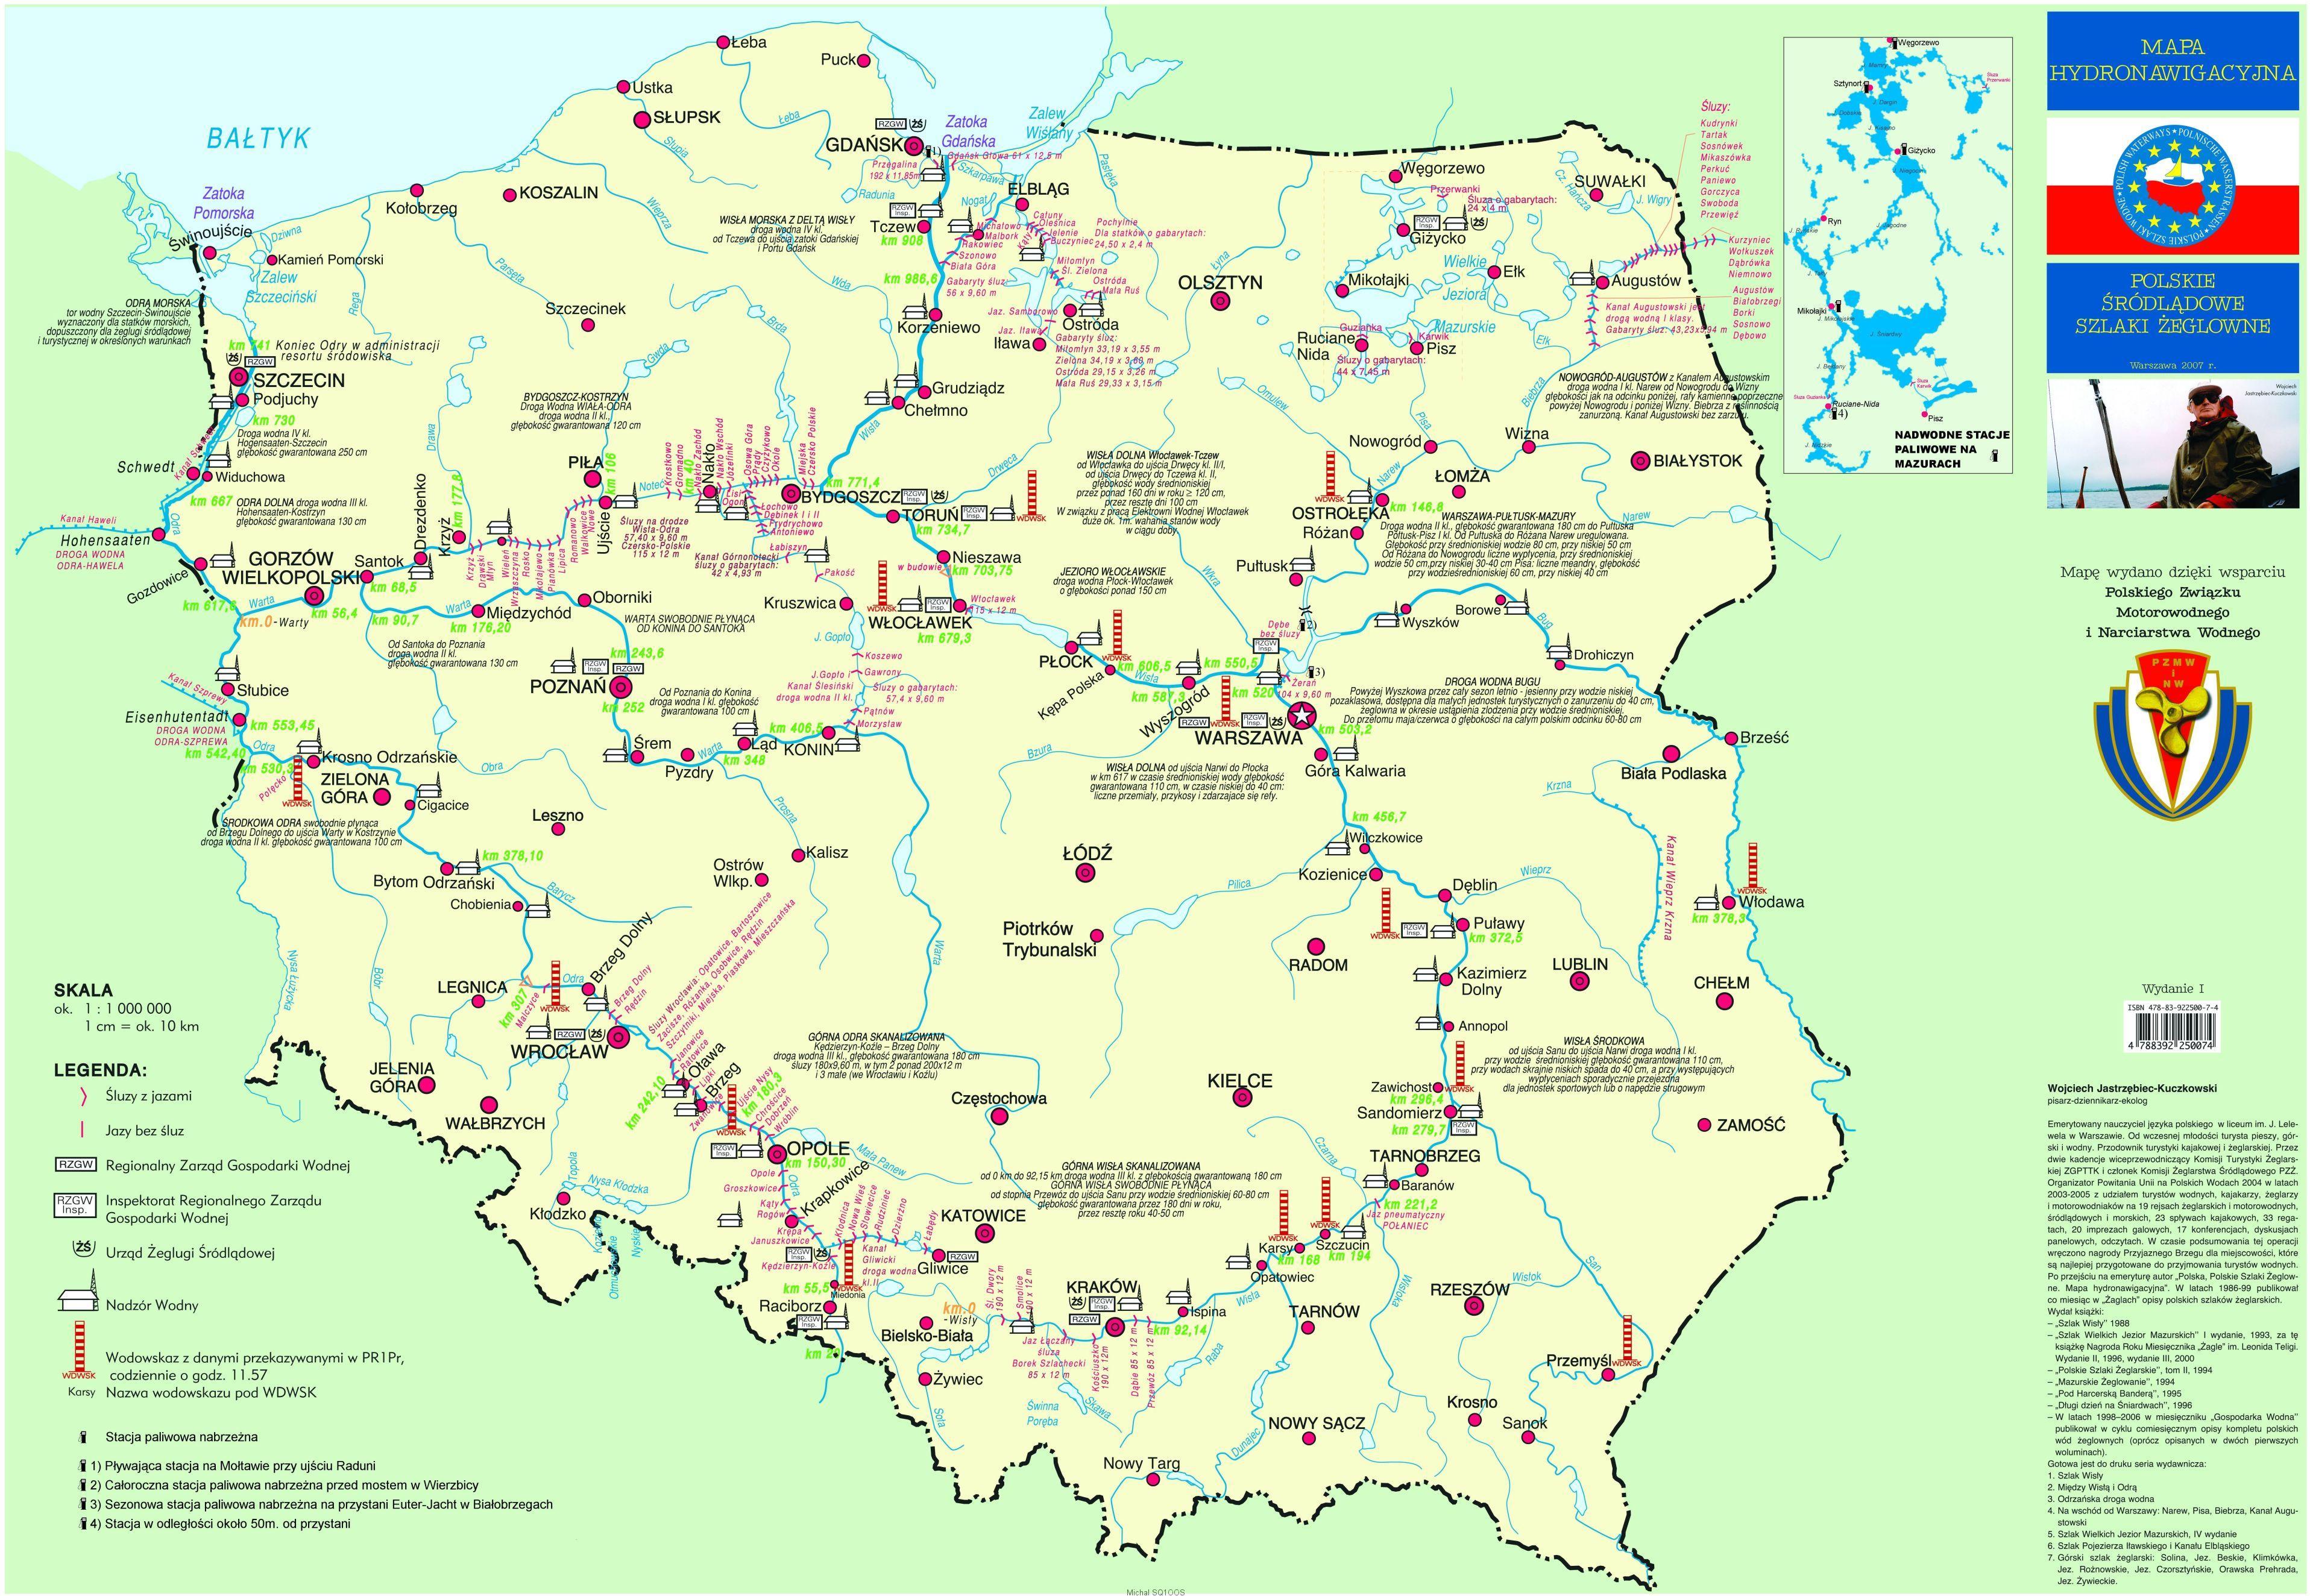 Mapy Szlakow Zeglownych Sq1oos Moje Wodne Pasje I Radioamatorstwo